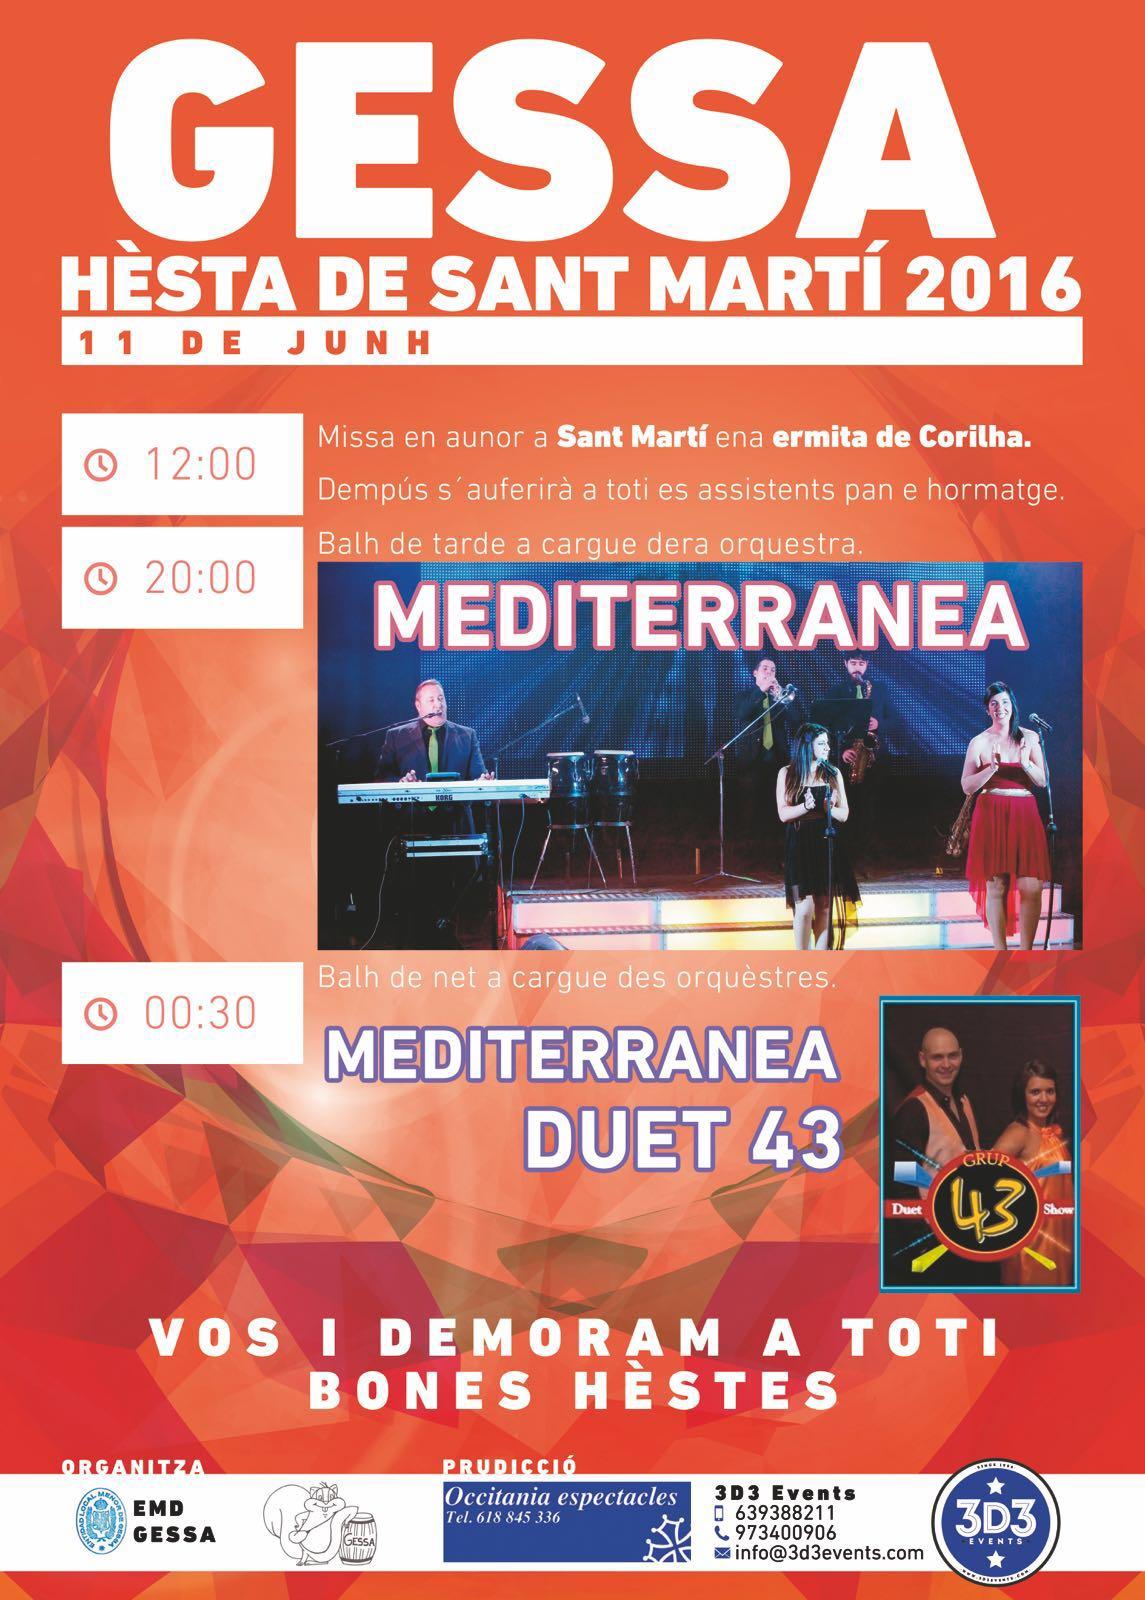 Fiesta Sant Martí Gessa